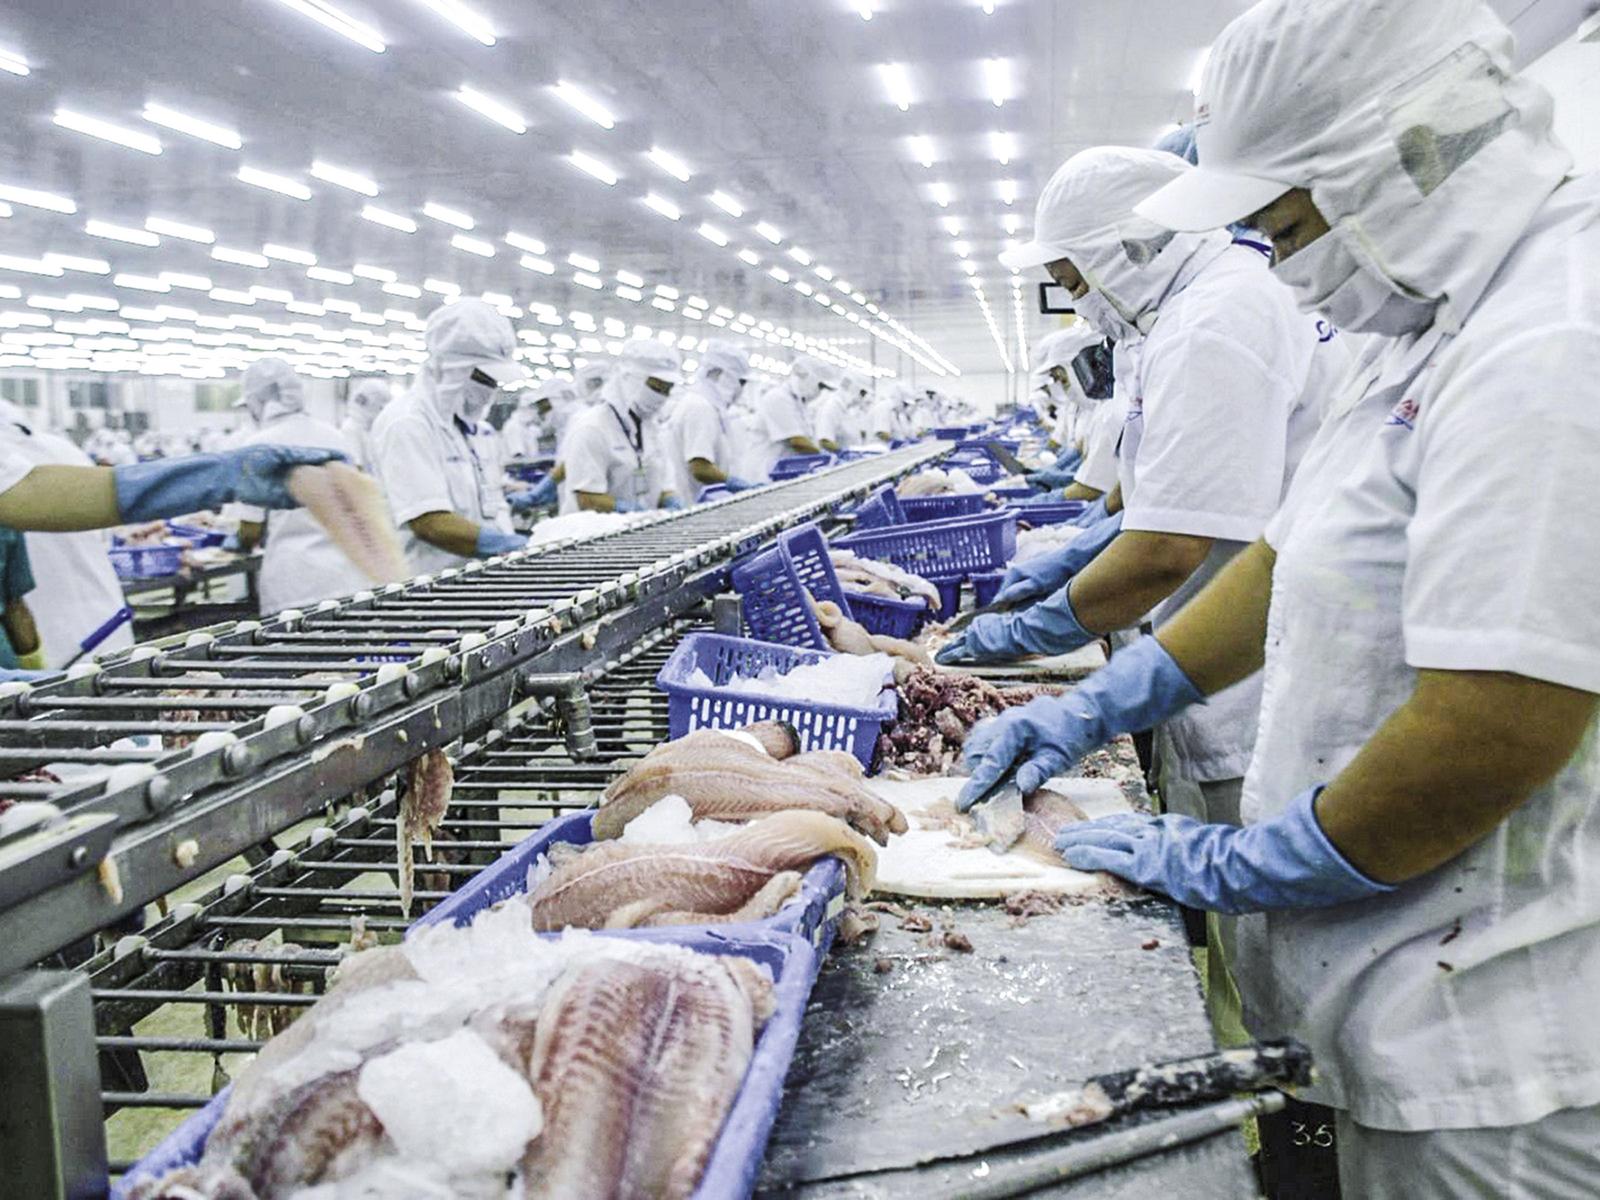 Thị trường hồi phục mạnh, xuất khẩu thủy sản 2020 tự tin sẽ thu về gần 8,6 tỷ USD - Ảnh 1.